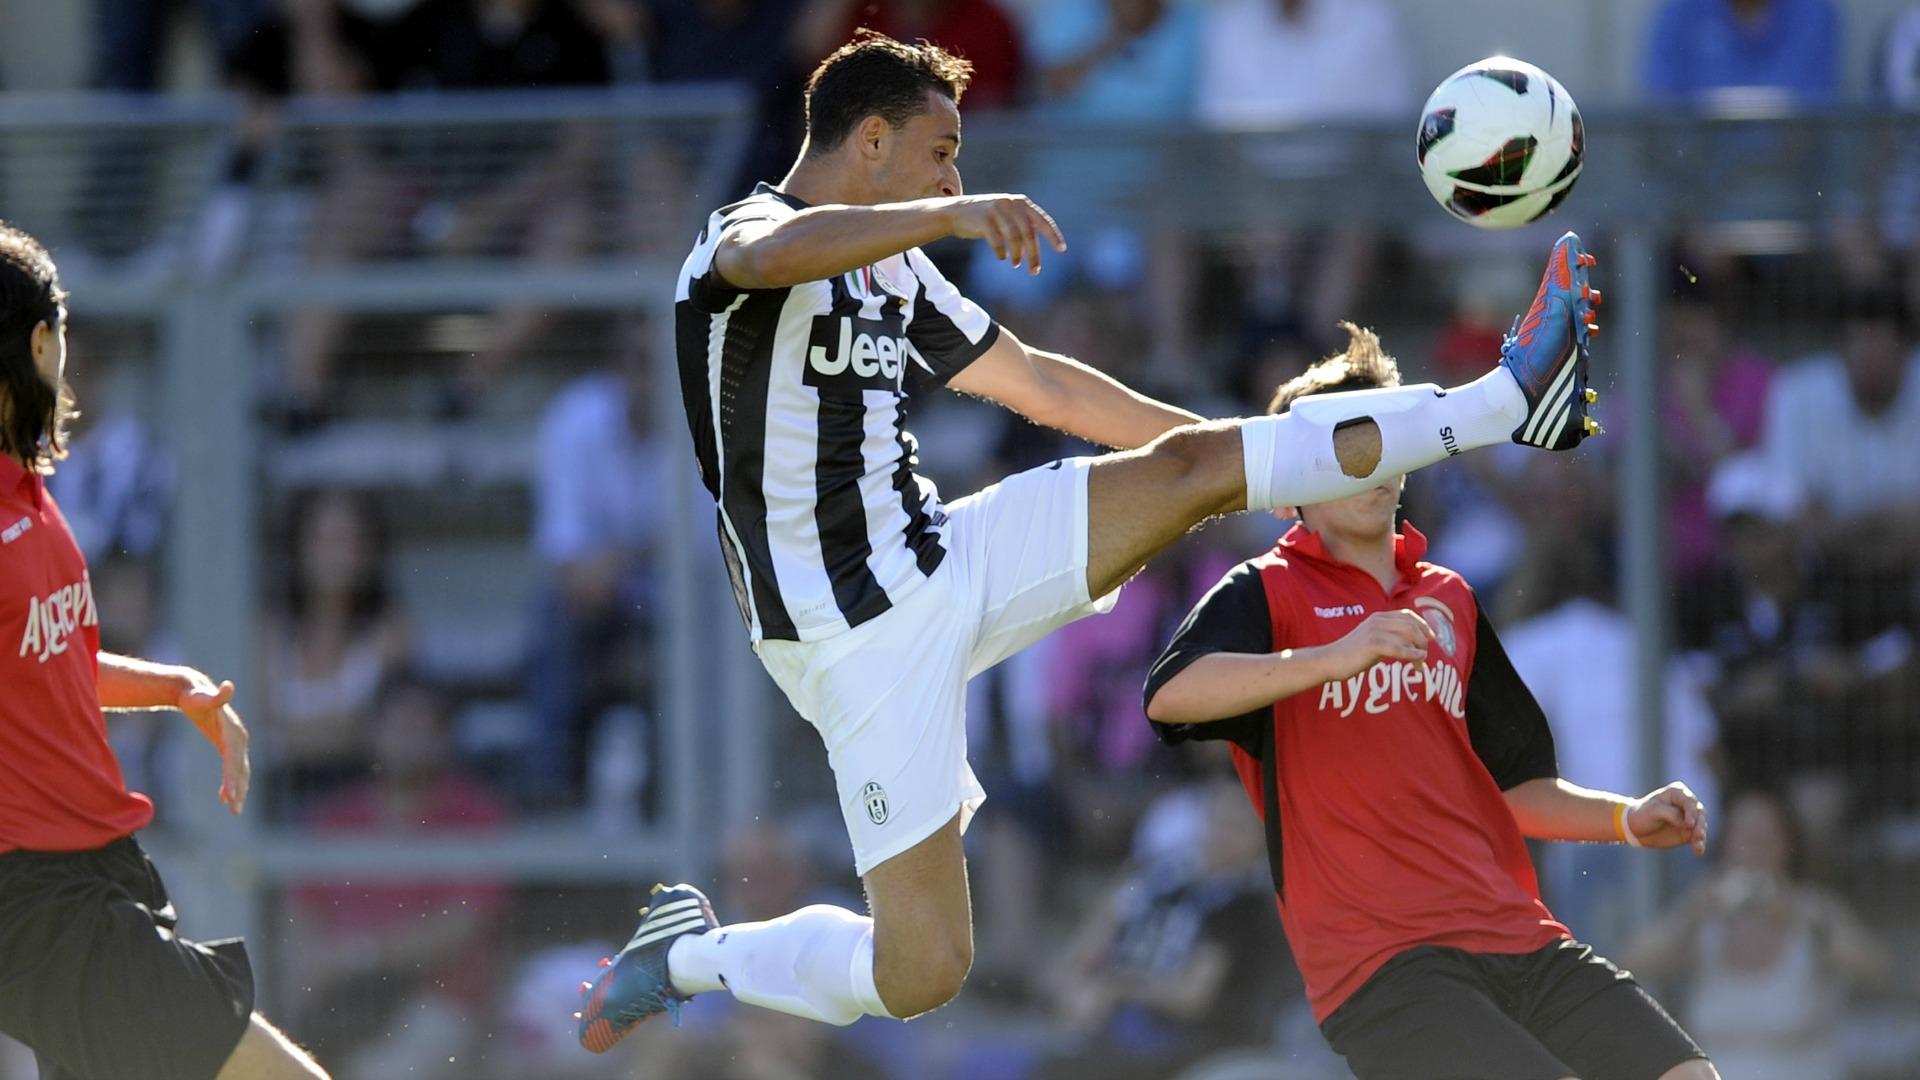 Ufficiale: Leeds, l'ex Juve Bouy subito in prestito al Cultural Leonesa